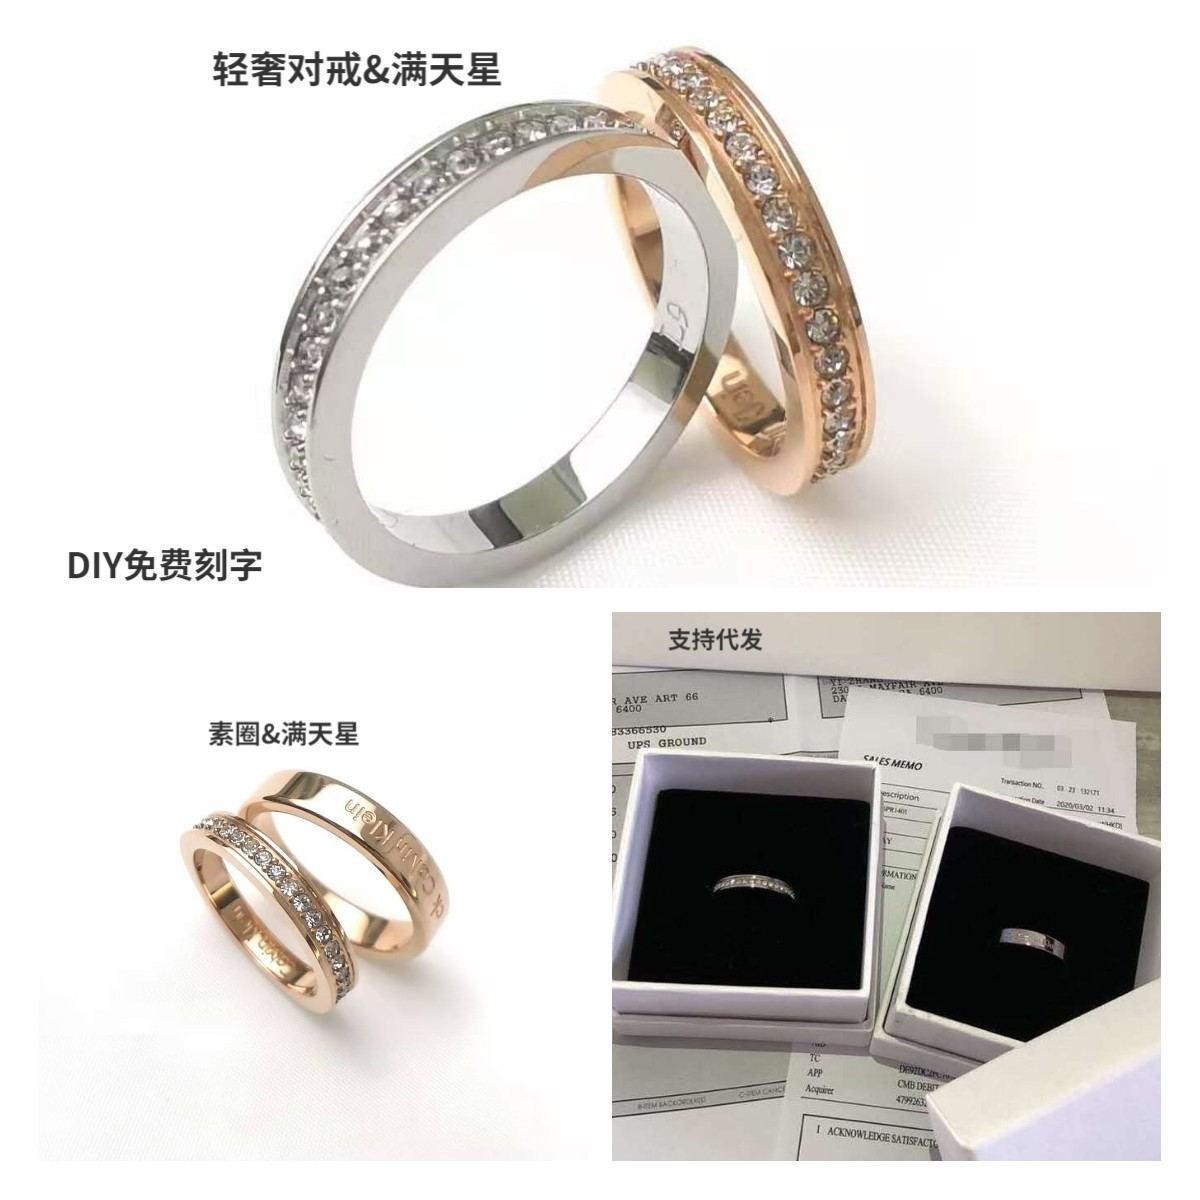 小ck戒指情侣对戒一对满天星男女轻奢指环时尚个性女韩版情人礼物